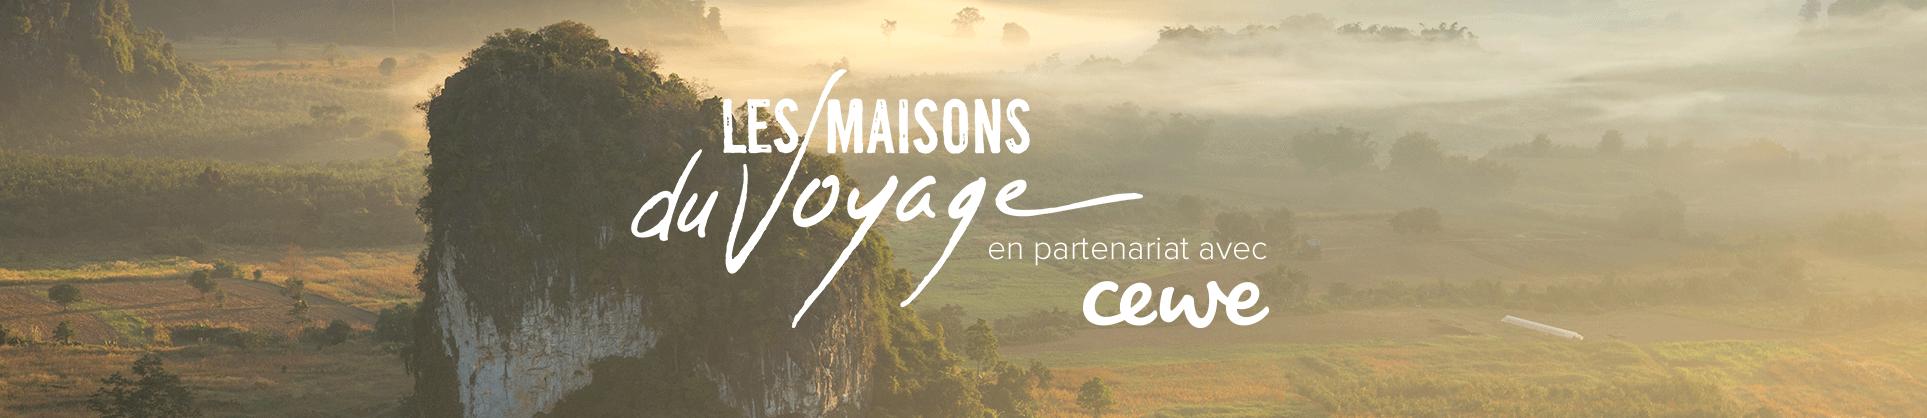 Maison Voyage